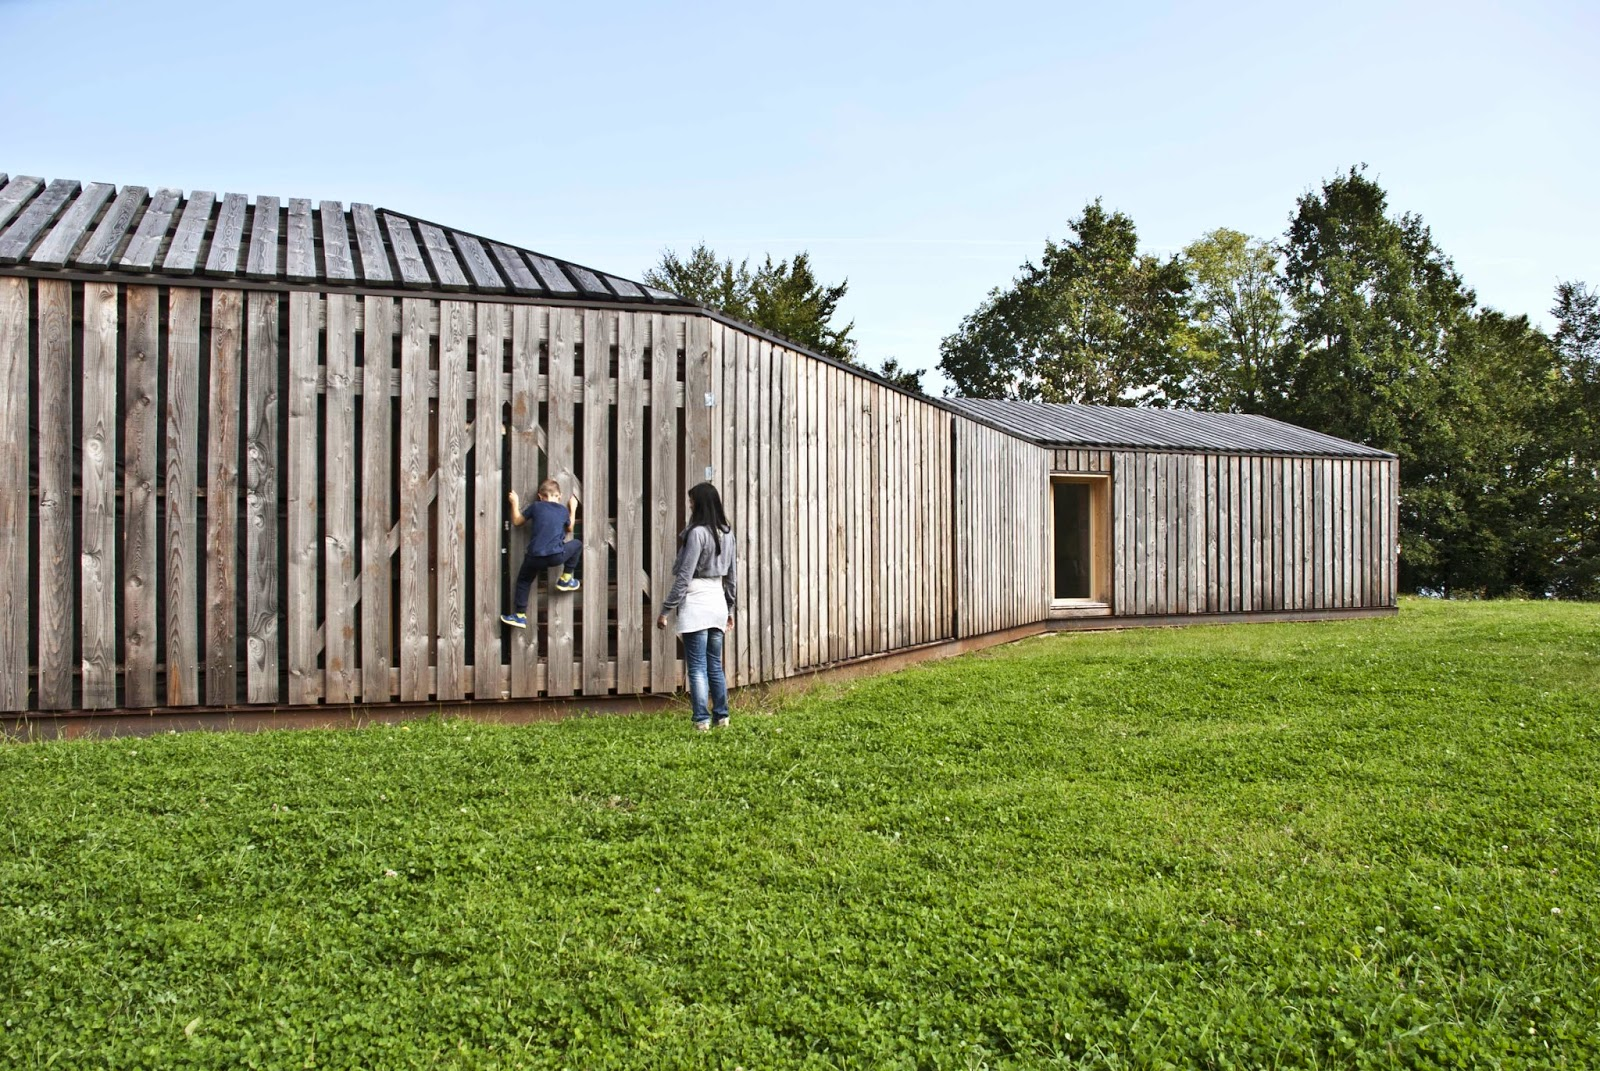 Quanto costa costruire casa con prima casa passiva solo euro studio di - Casa passiva prefabbricata ...